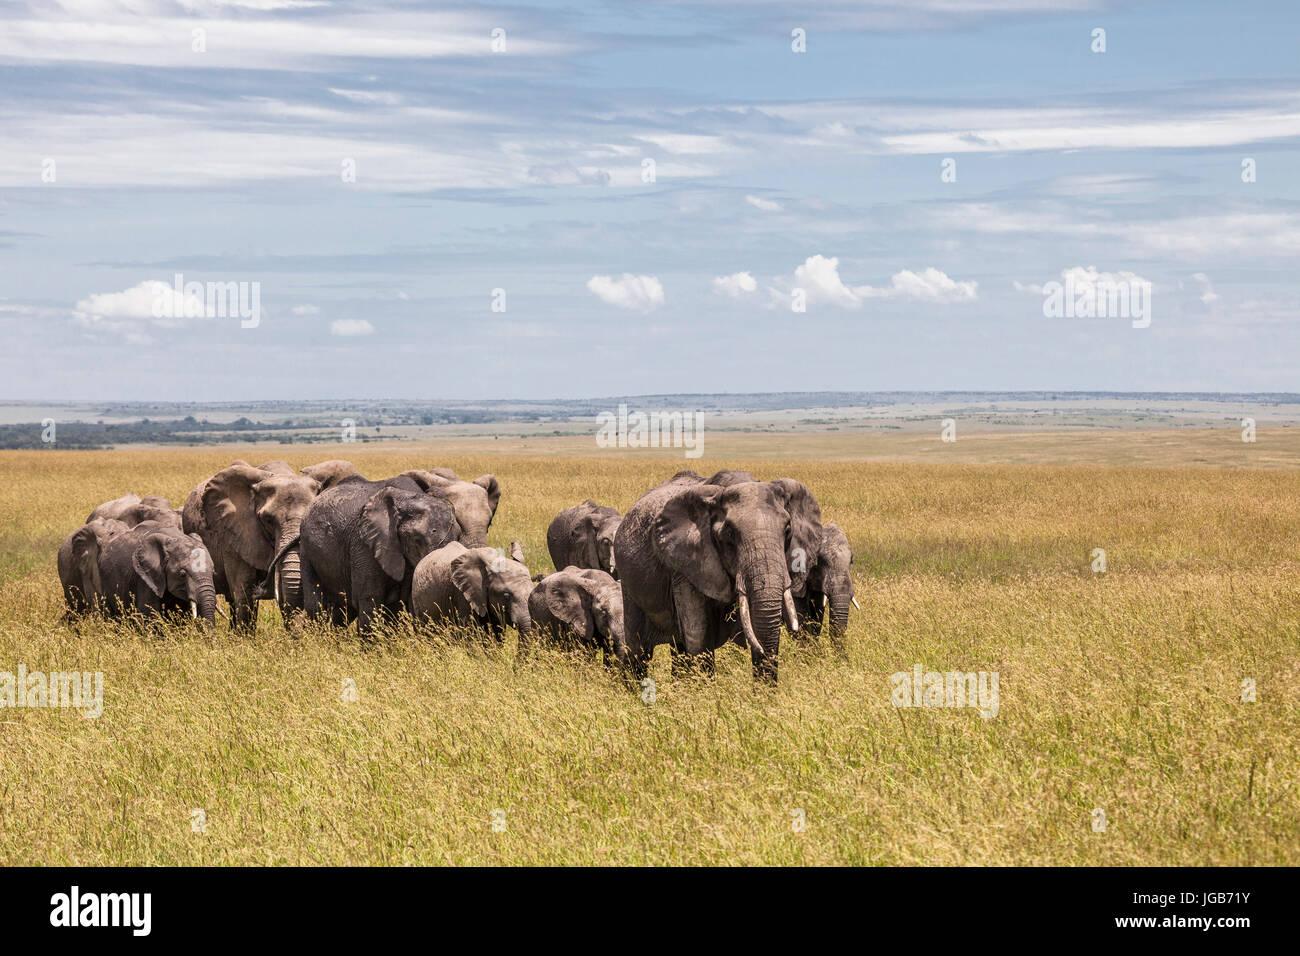 Grupo de elefantes, Masai Mara, Kenya. Foto de stock